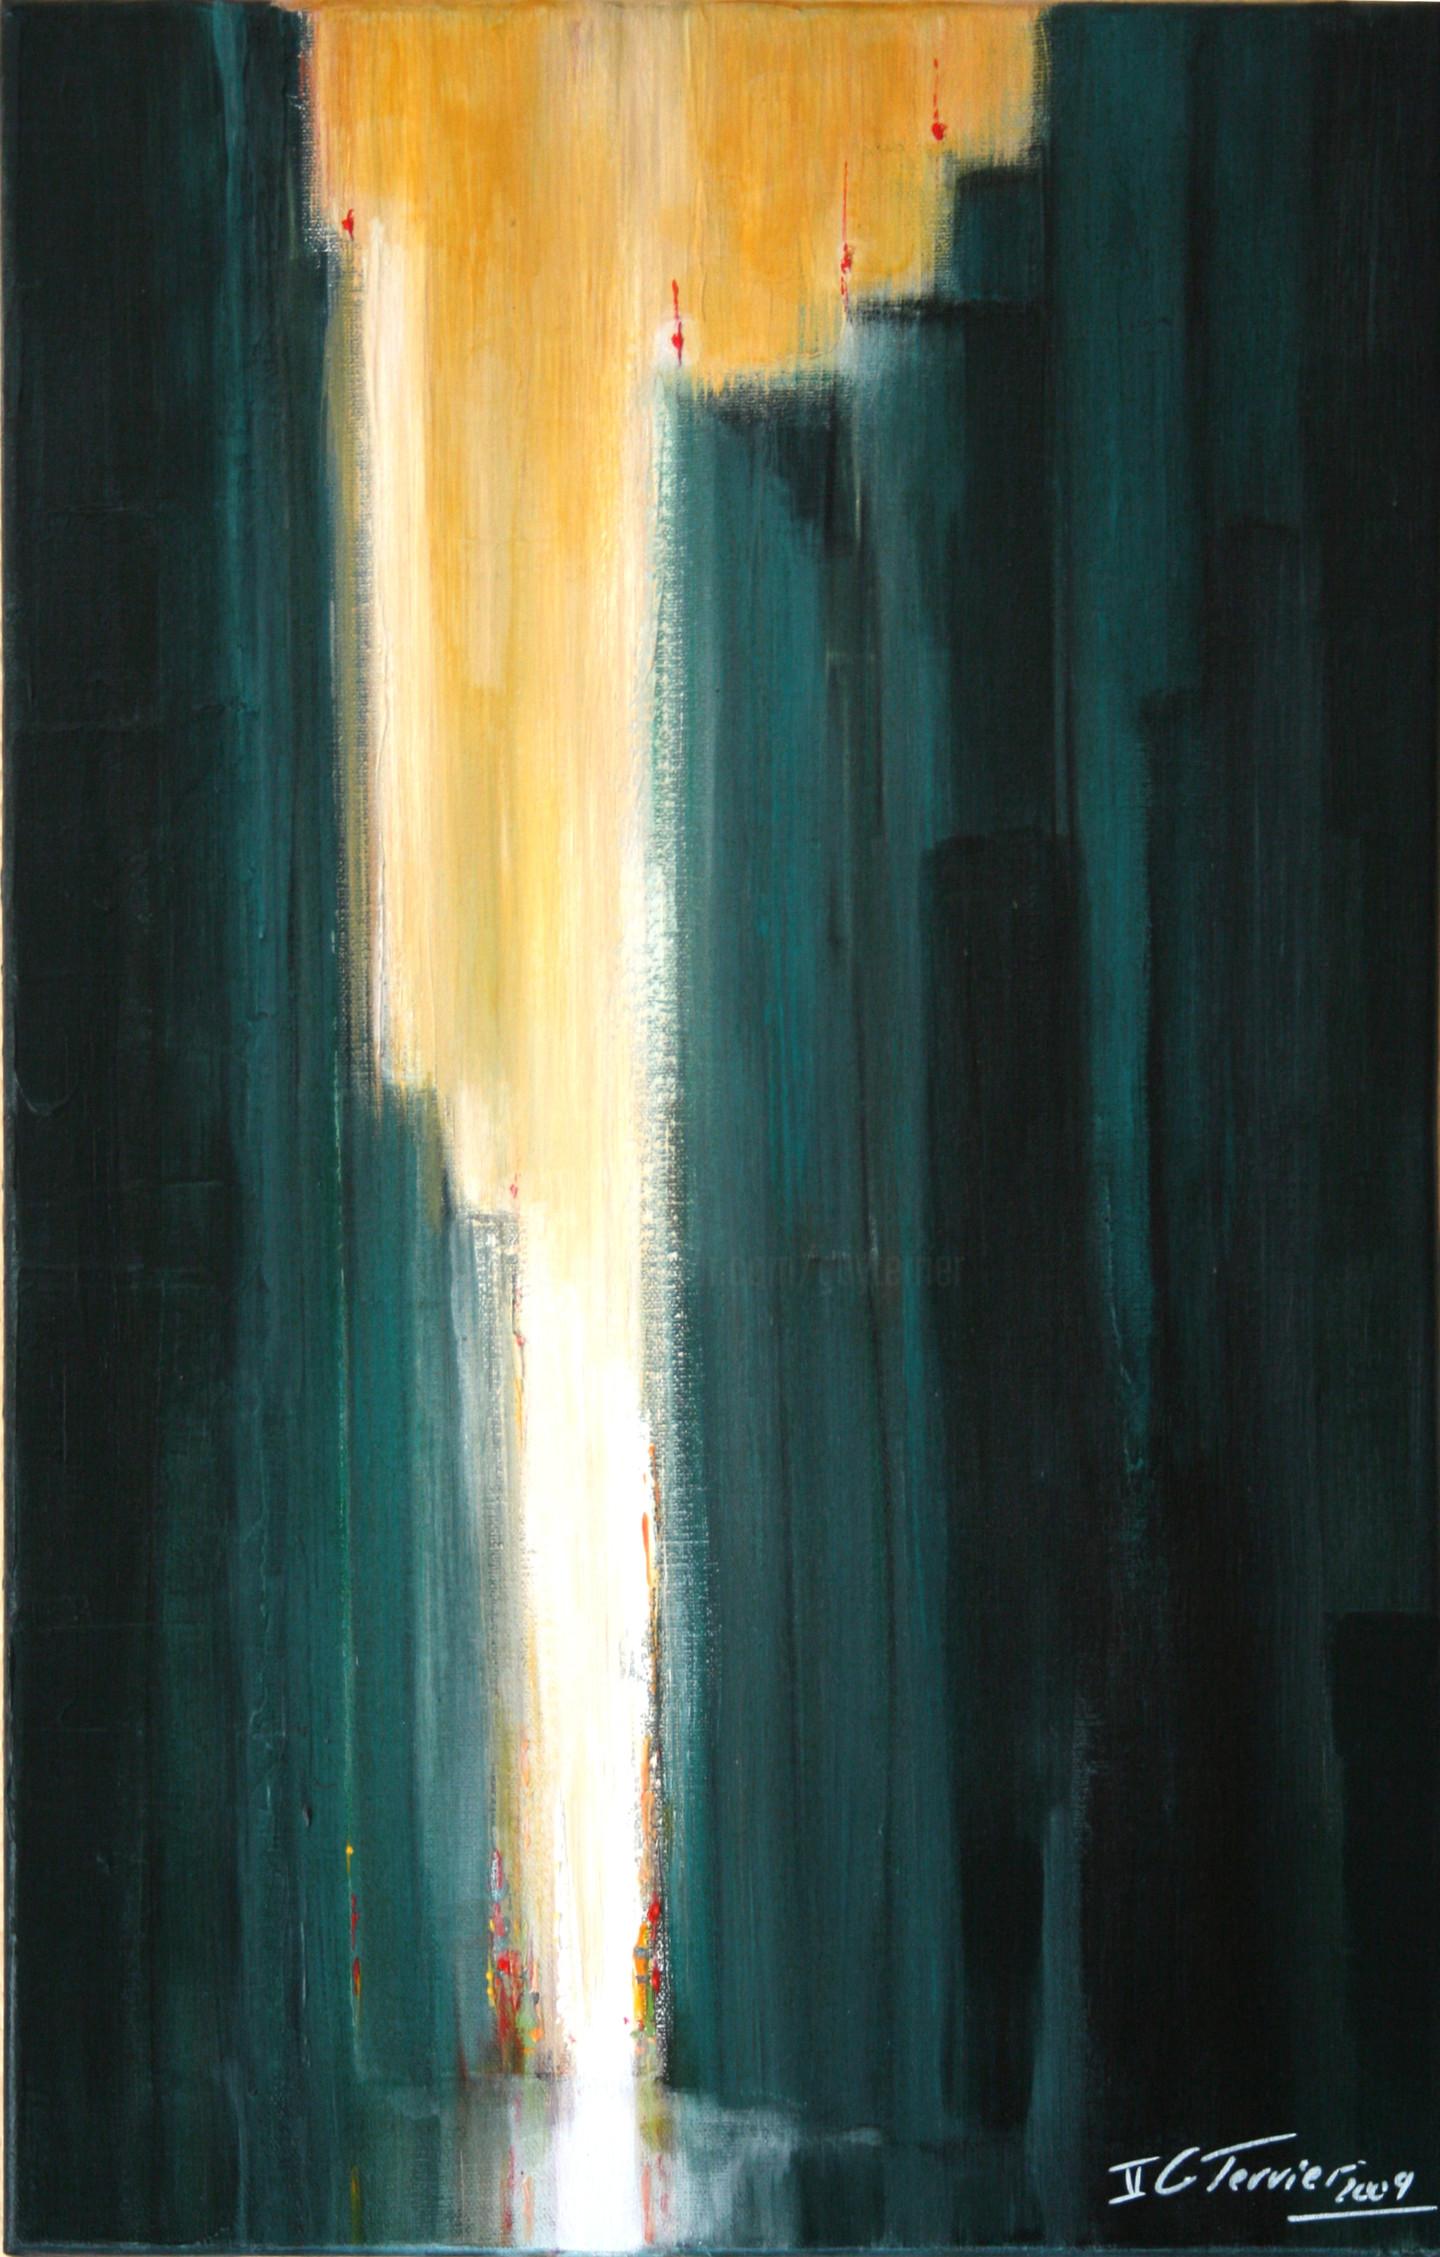 Guy Terrier - Tokyo, oppression de nuit